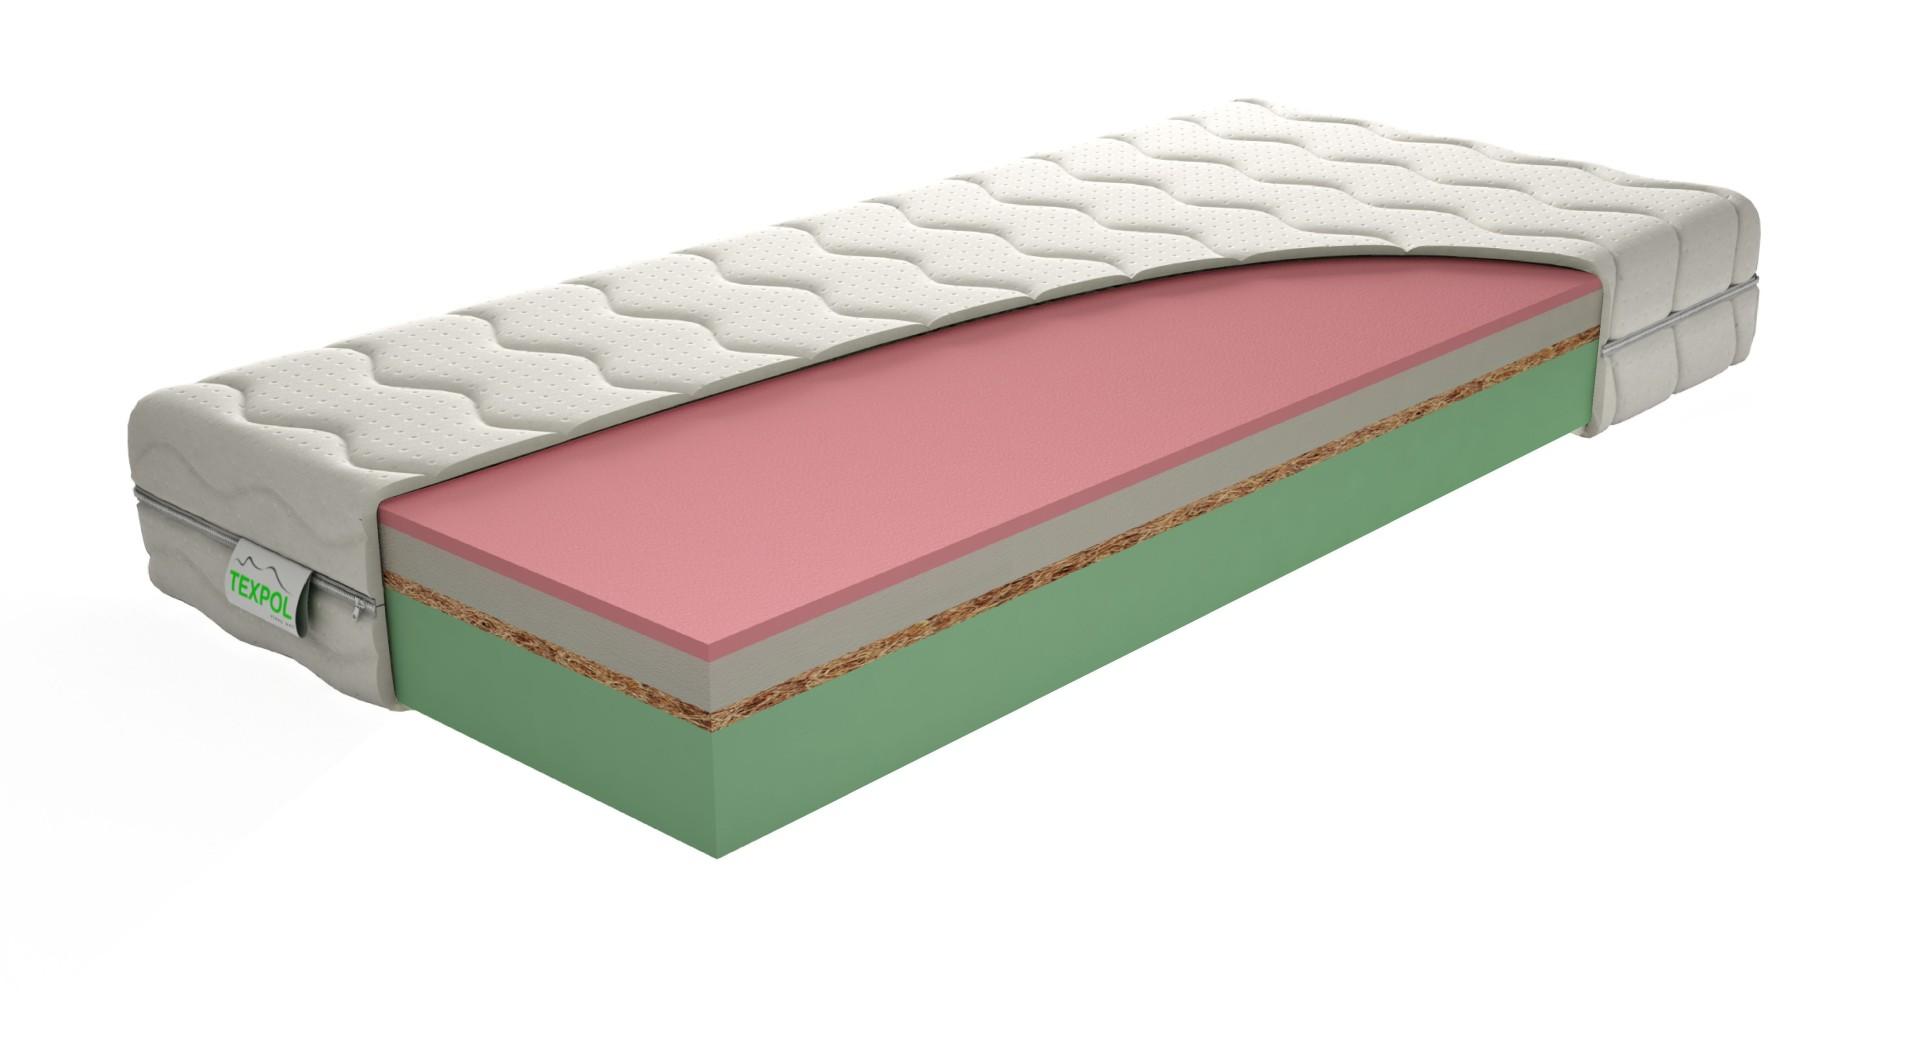 Texpol HARMONY - komfortný vysoký matrac s poťahom Aloe Vera, snímateľný poťah